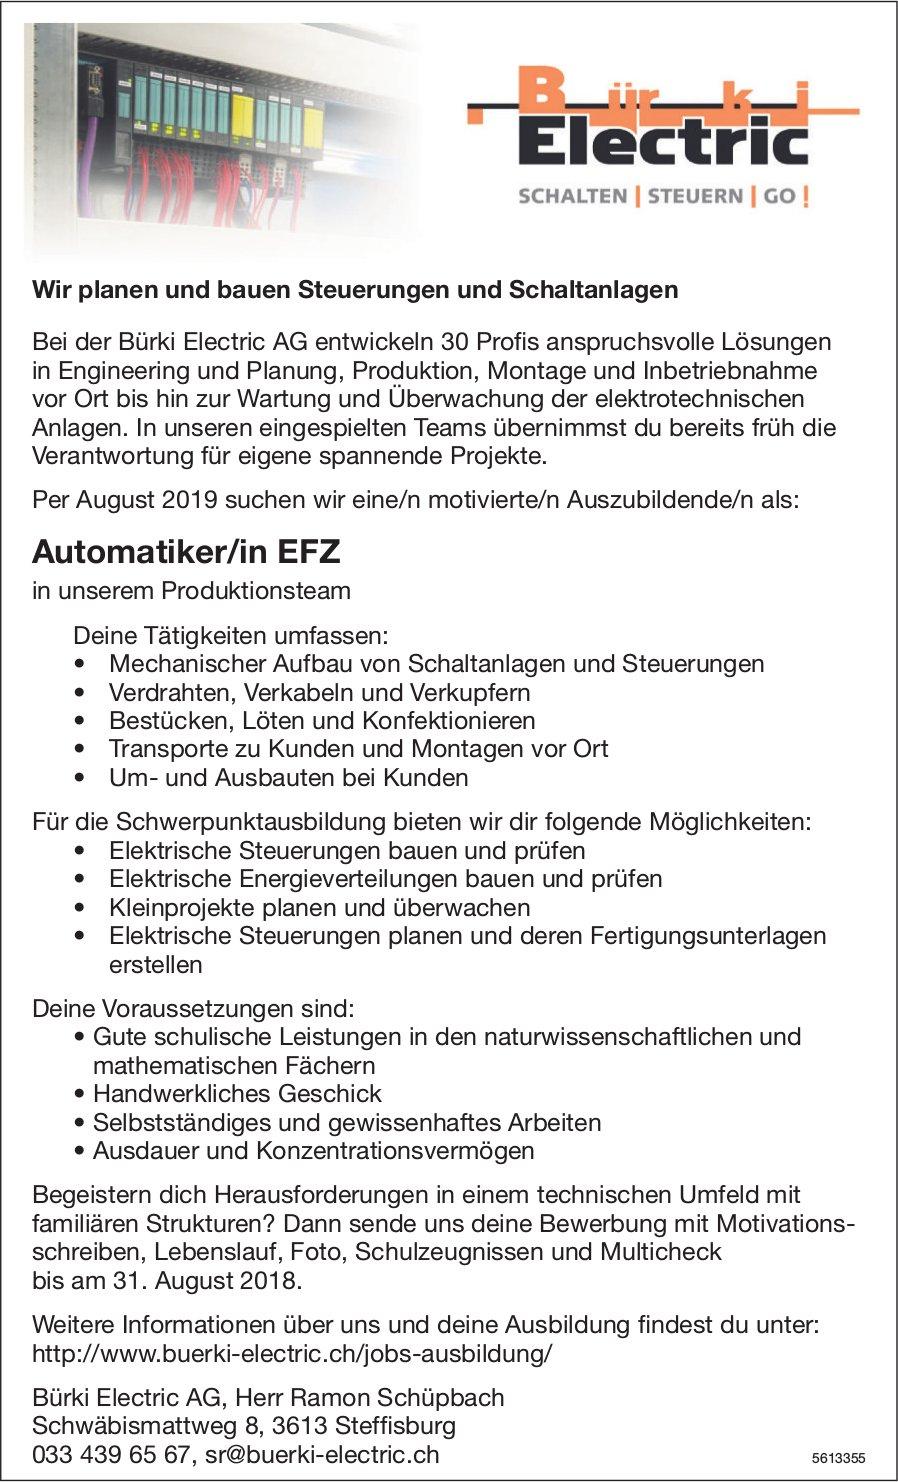 Lehrstelle als Automatiker/in EFZ, Bürki Electric AG, Steffisburg, zu vergeben